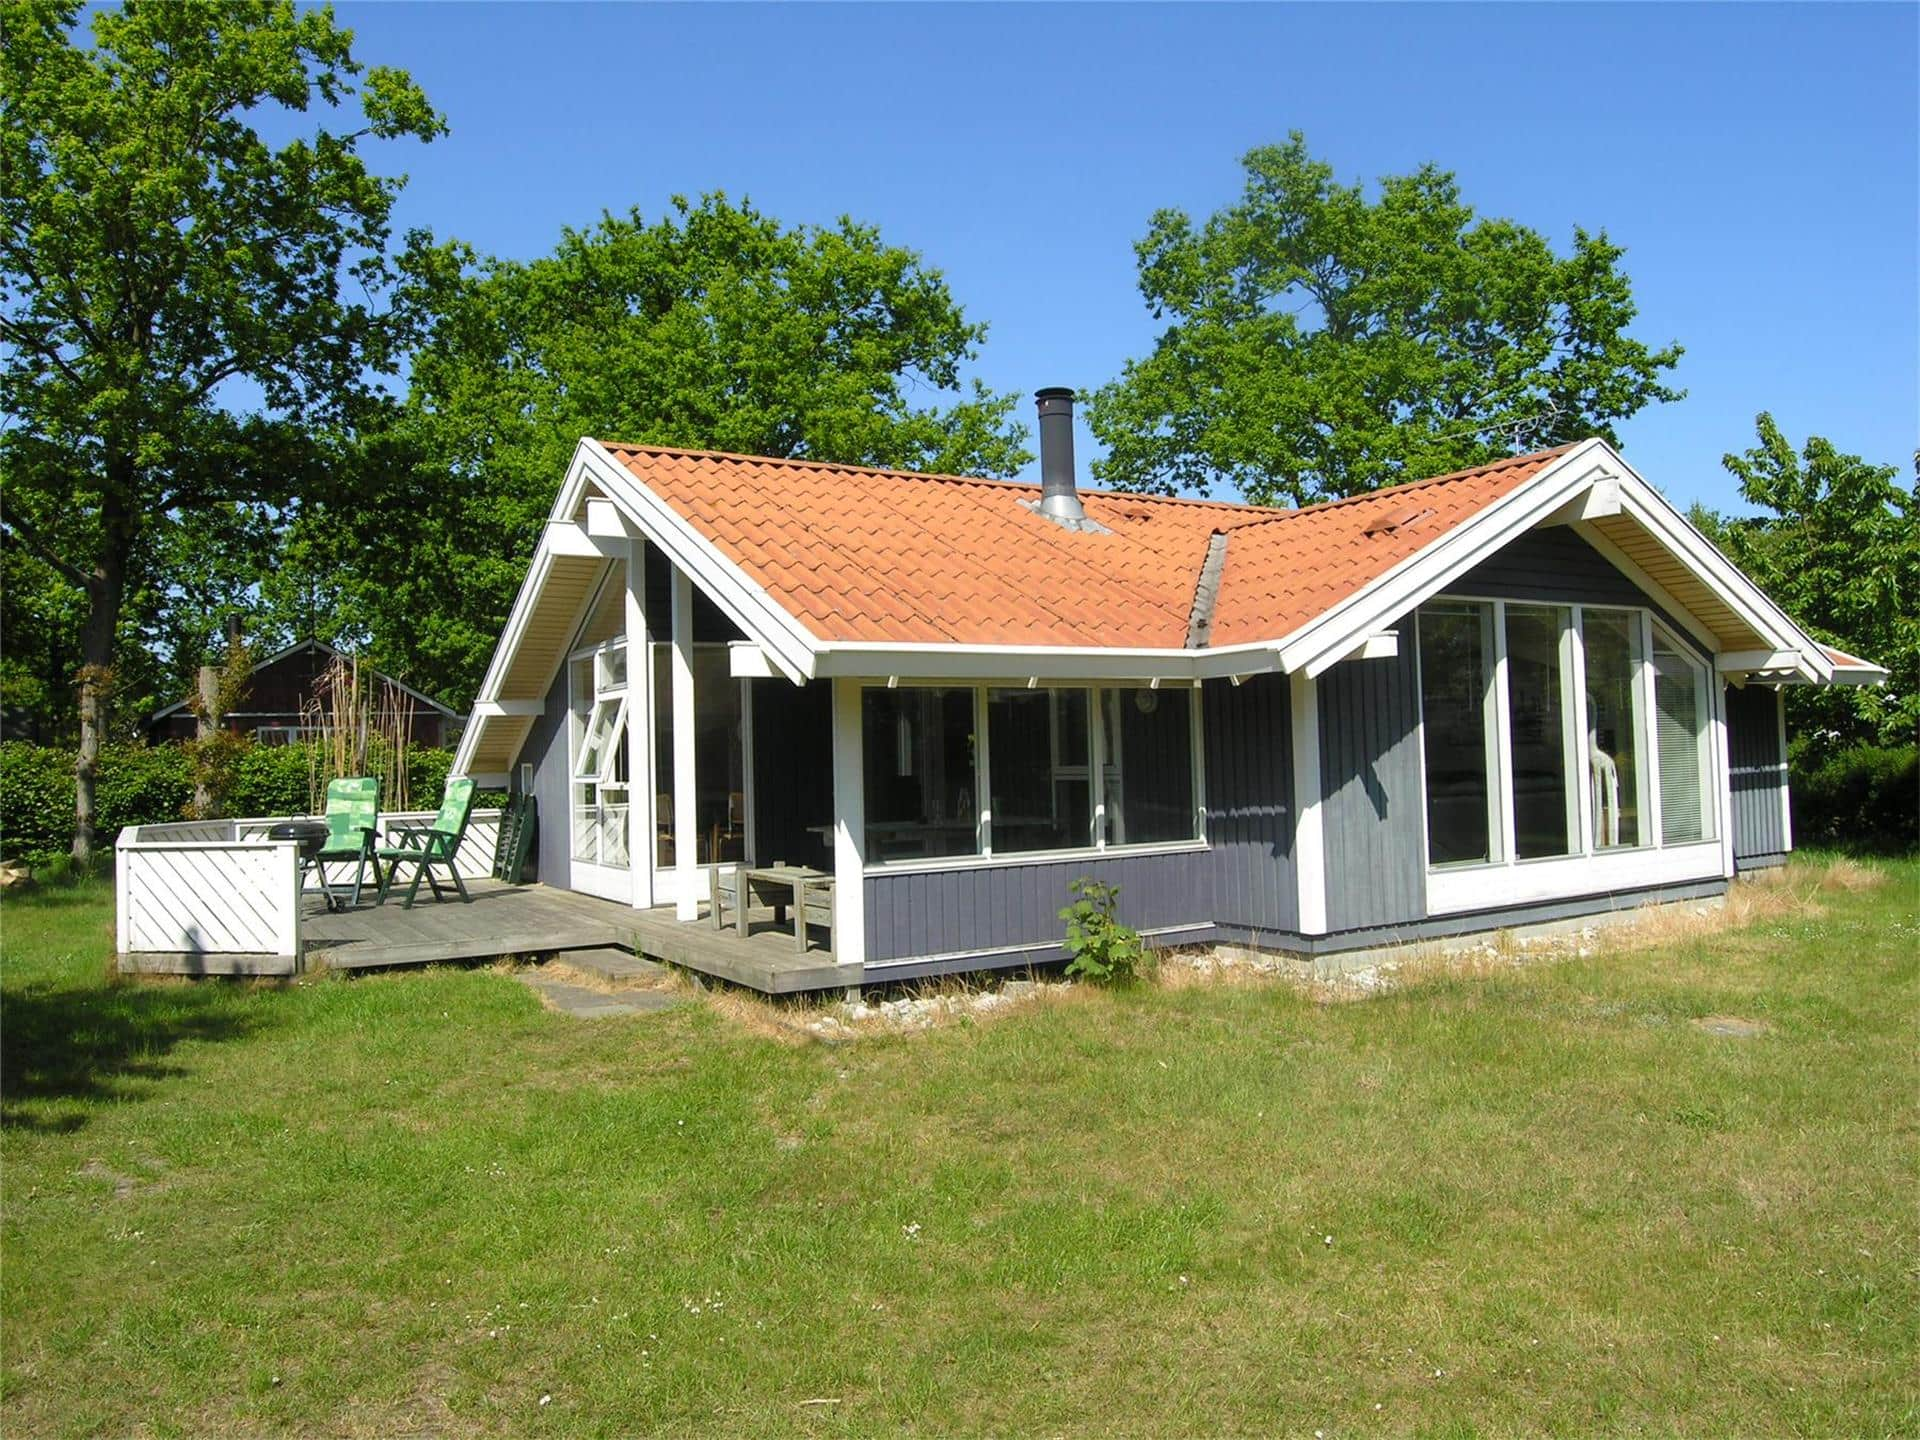 Bilde 1-19 Feirehus 30334, Delfinvej 2, DK - 8300 Odder